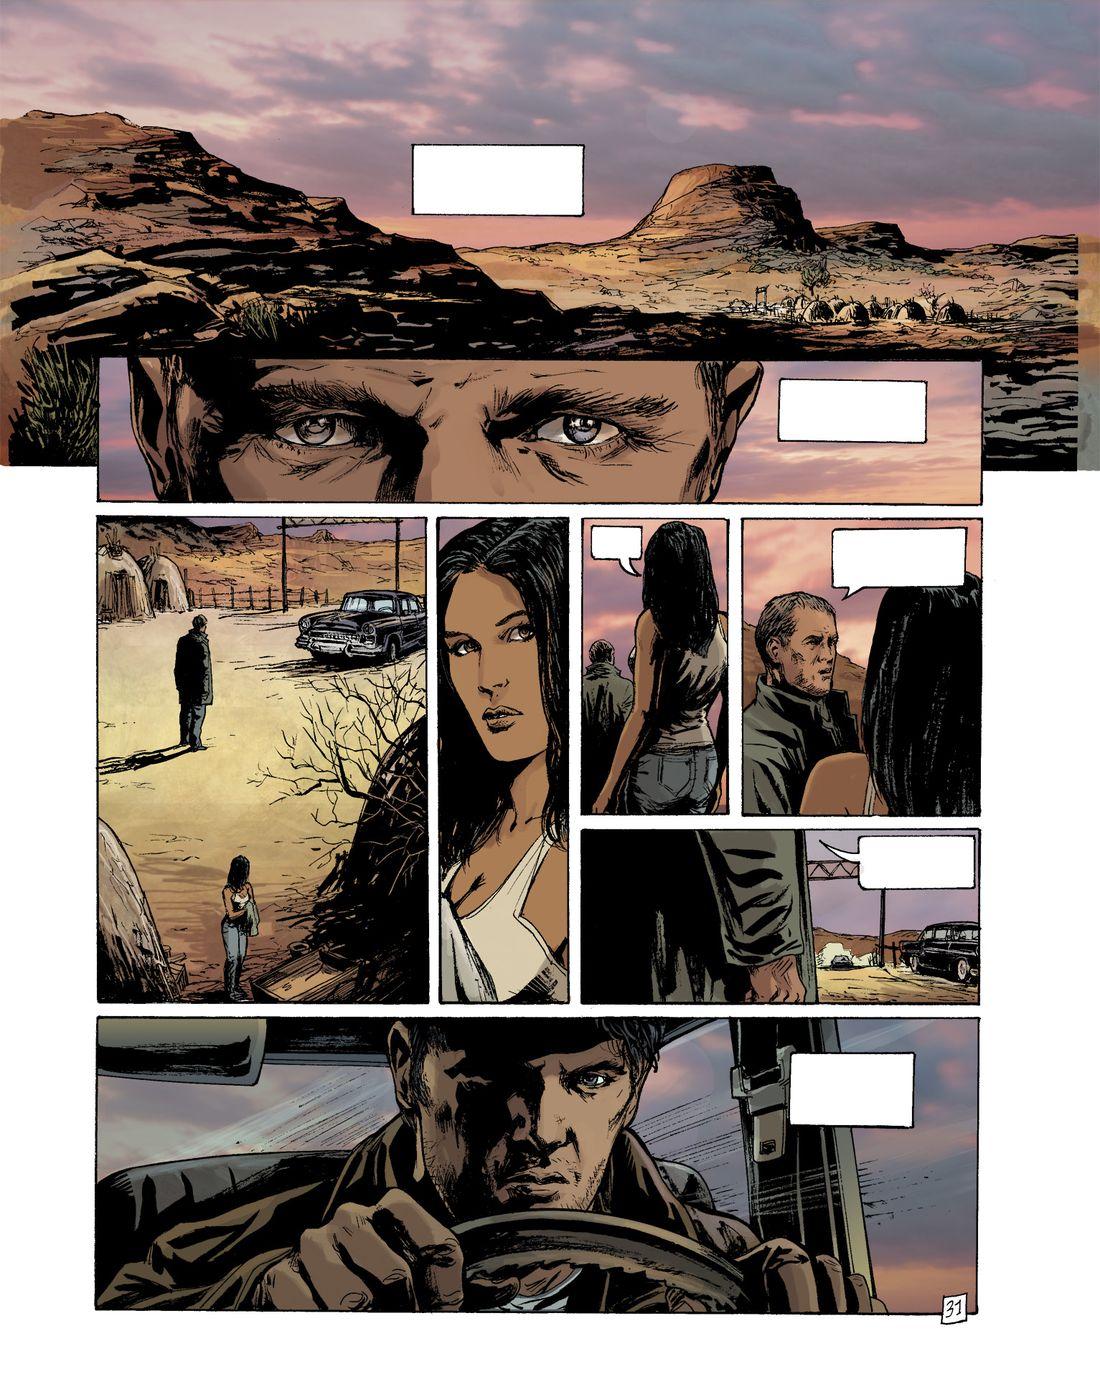 L'Art du Crime, planche 31 du tome 1 finalisée © Glénat / Berlion / Omeyer / Favrelle